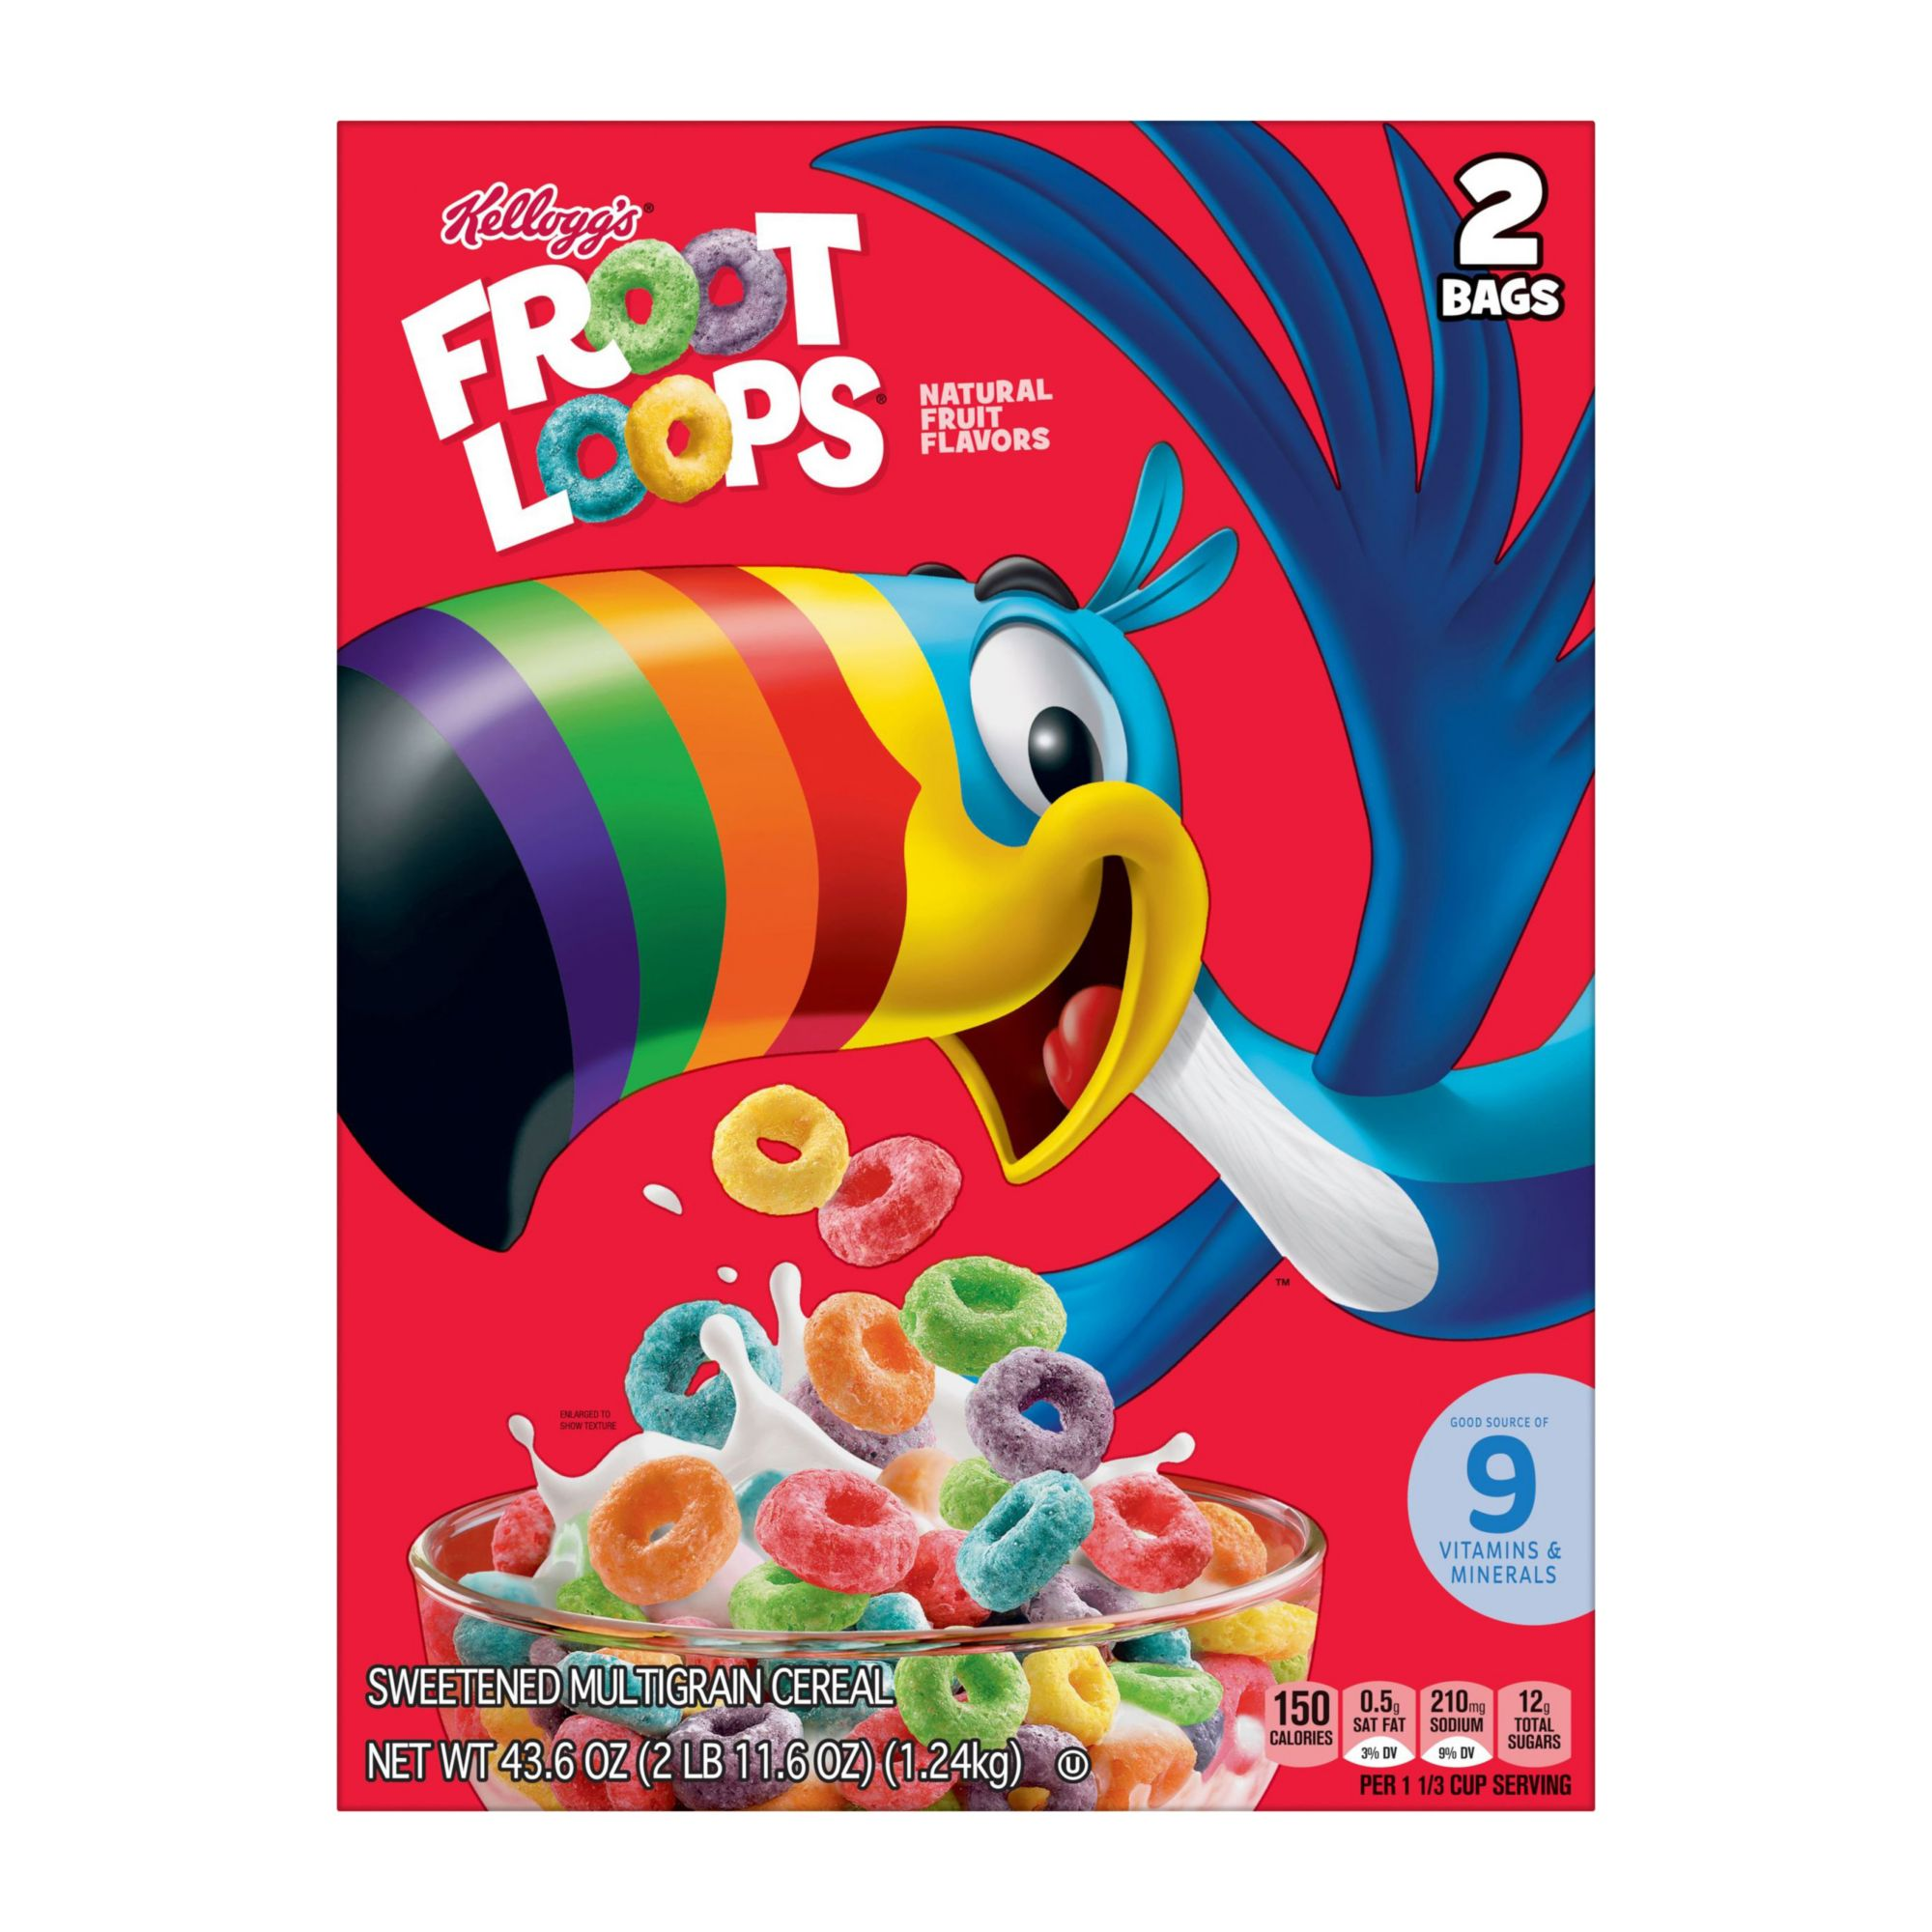 Kellogg's Froot Loops - BJs WholeSale Club